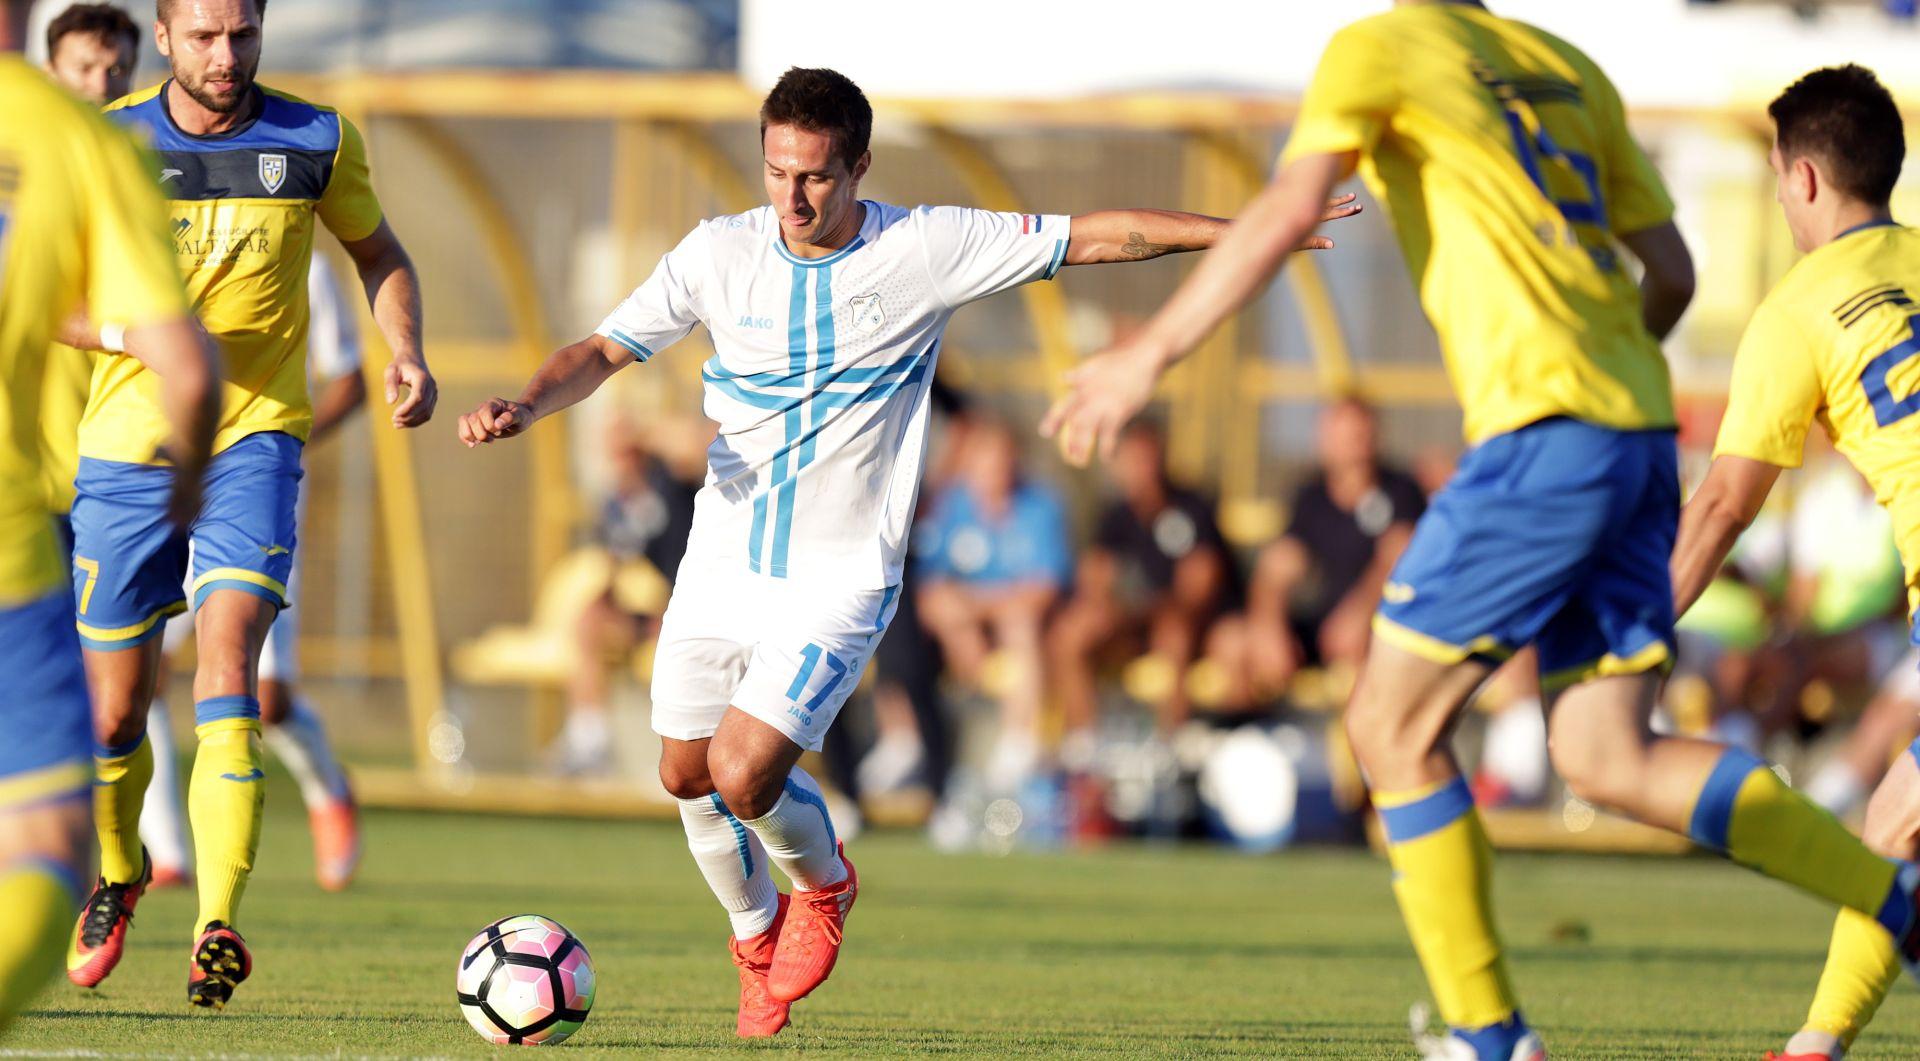 HNL Inter i Rijeka podijelili bodove, oba gola pala u sudačkoj nadoknadi